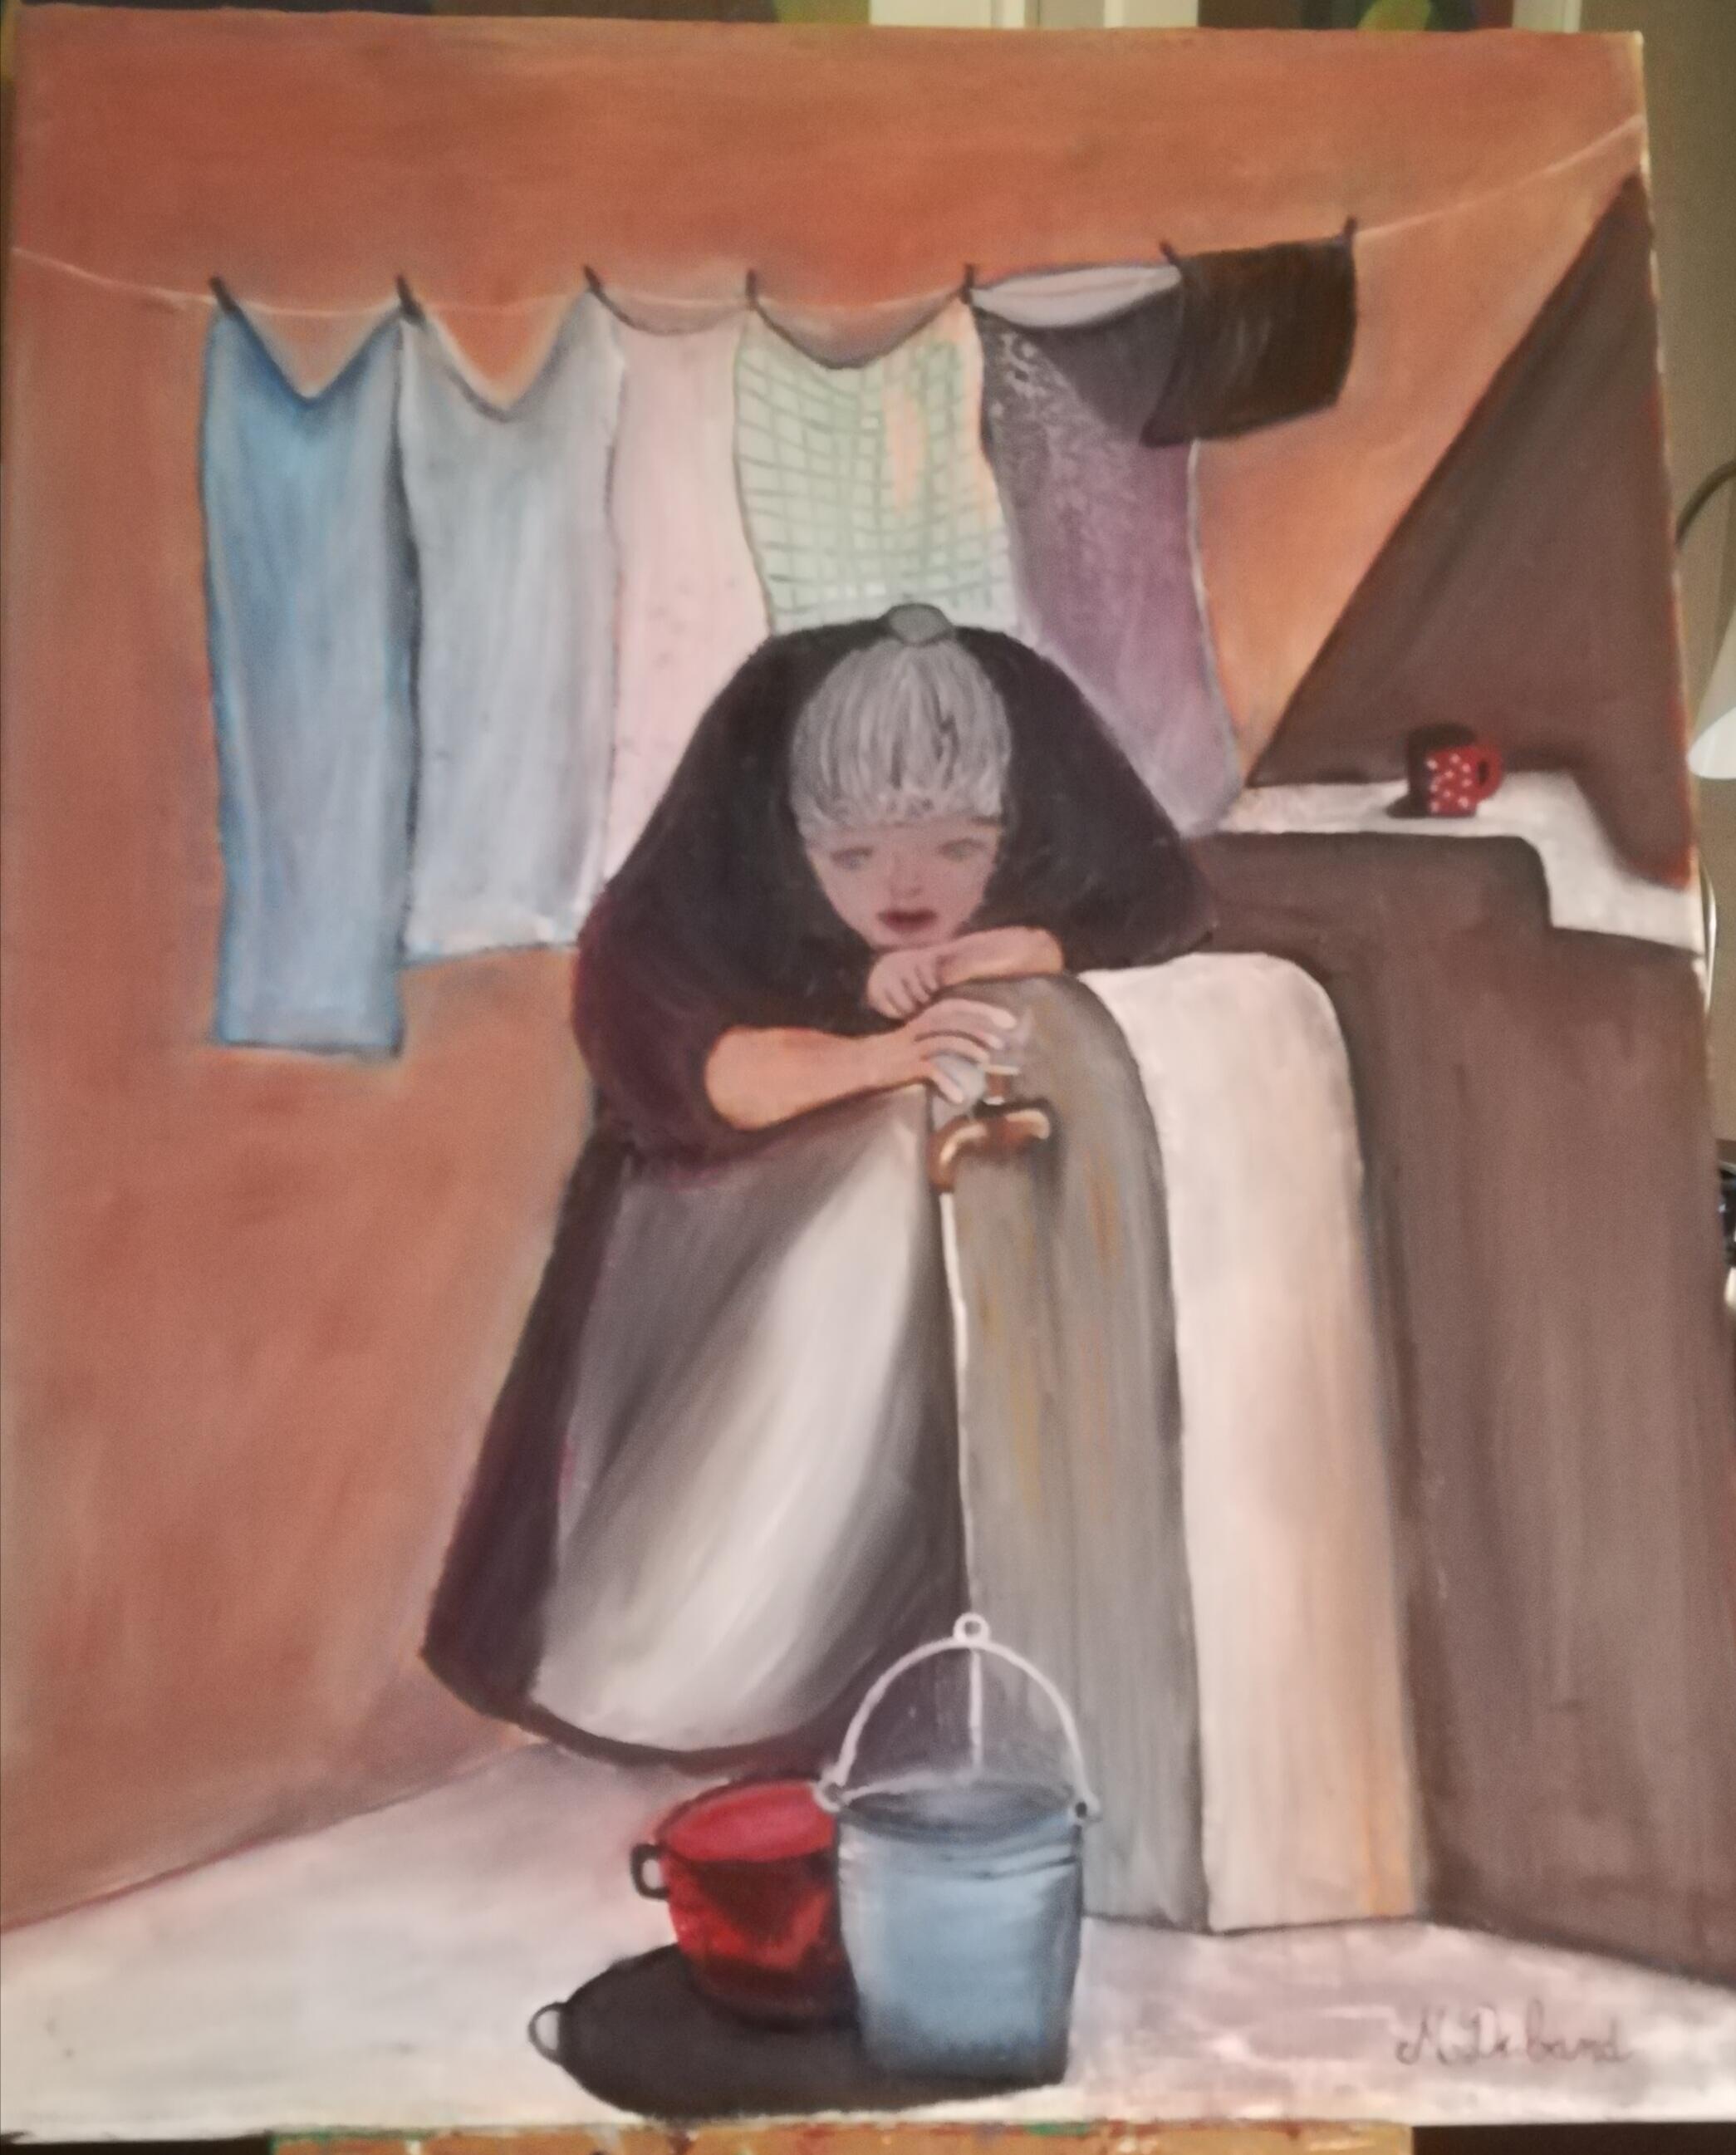 Vieille femme bossue en train de faire des tâches ménagères